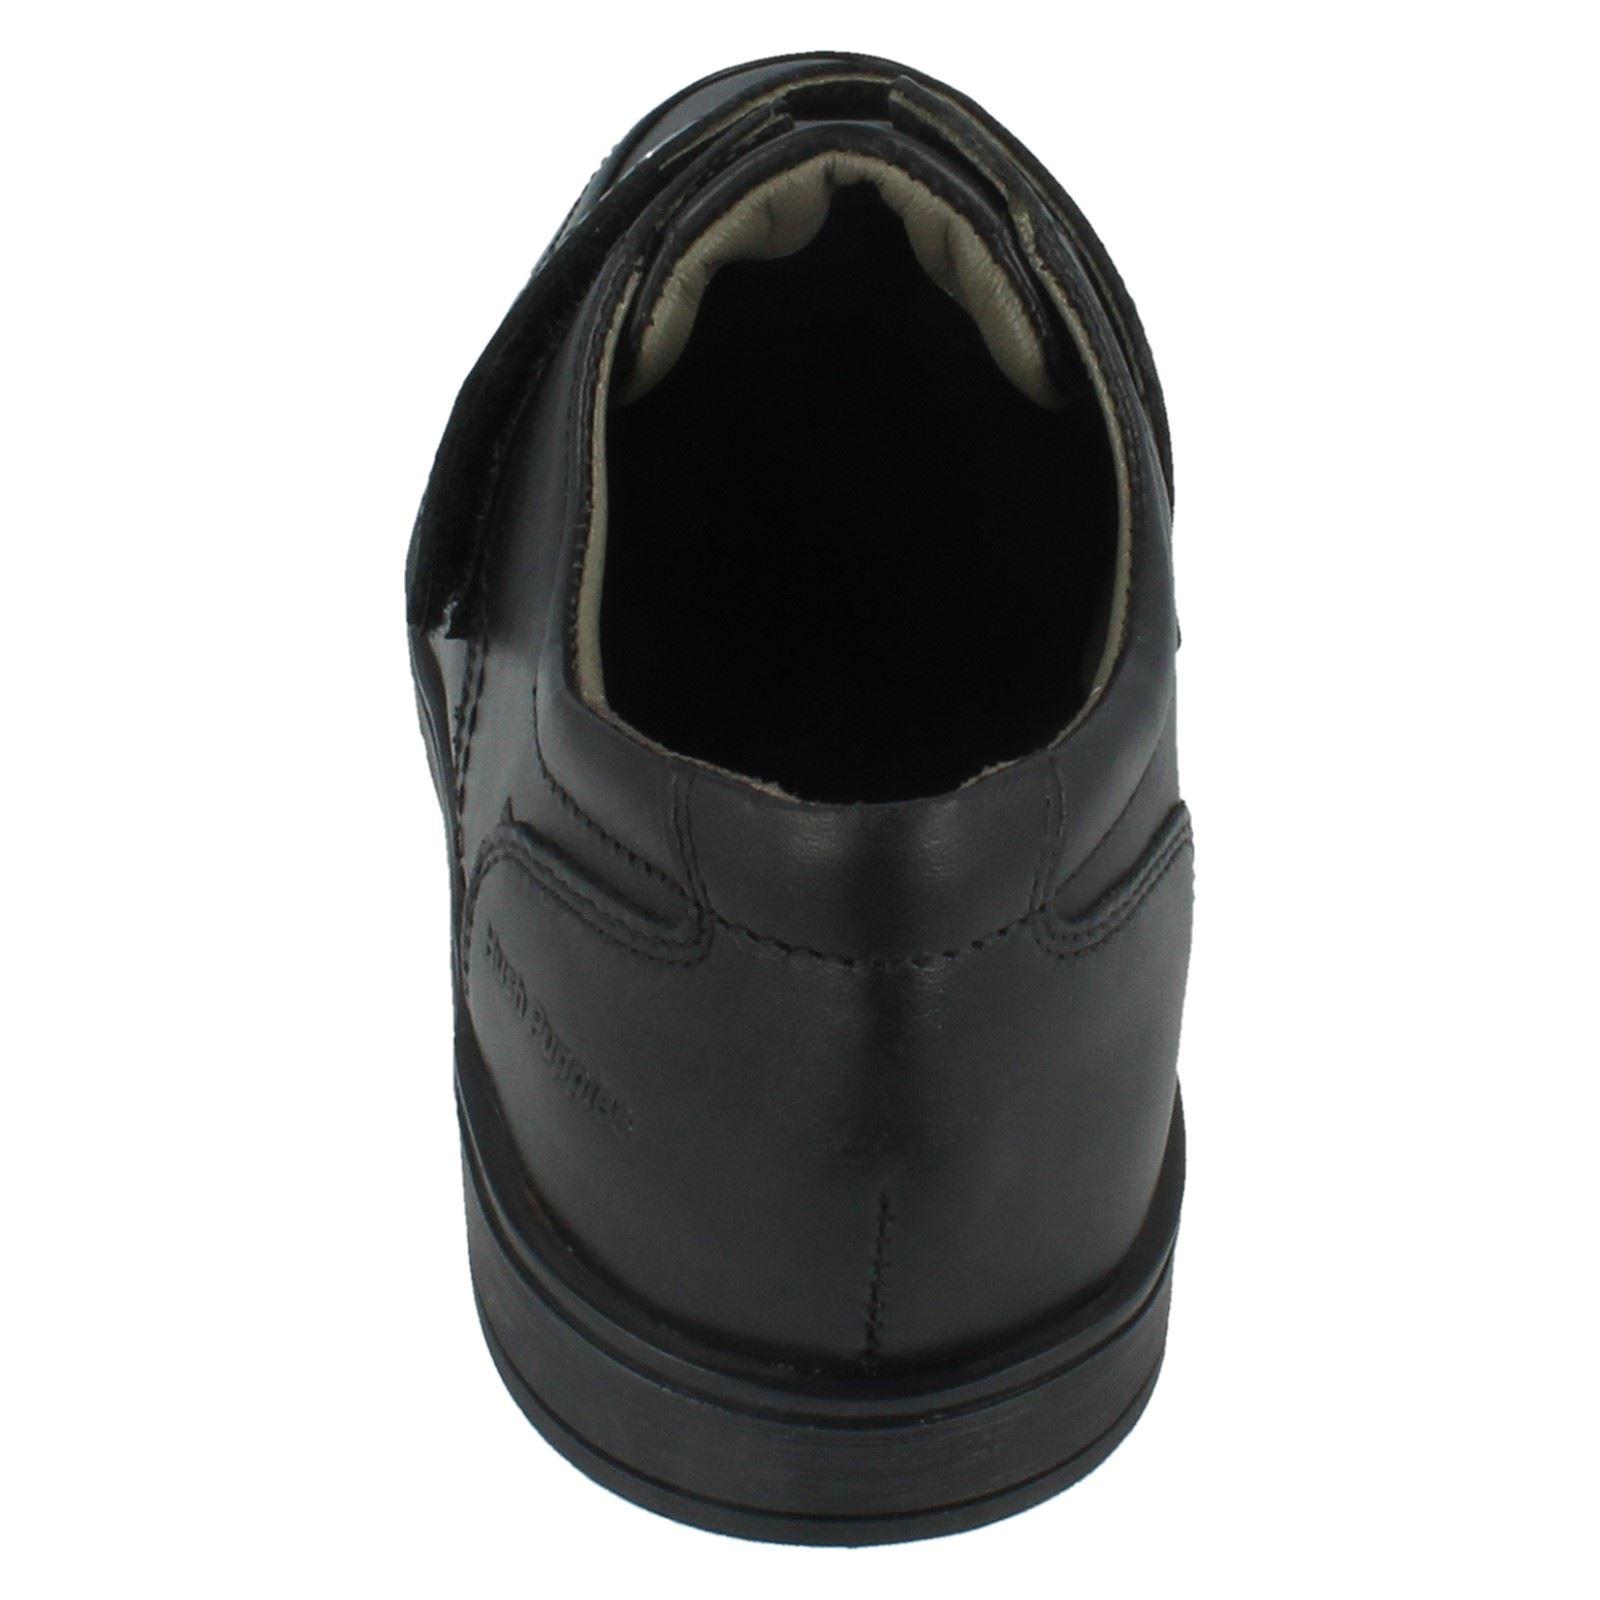 Para Para Para hombres cuero zapatos Hush Puppies Nova ~ N Descuento por tiempo limitado 663282